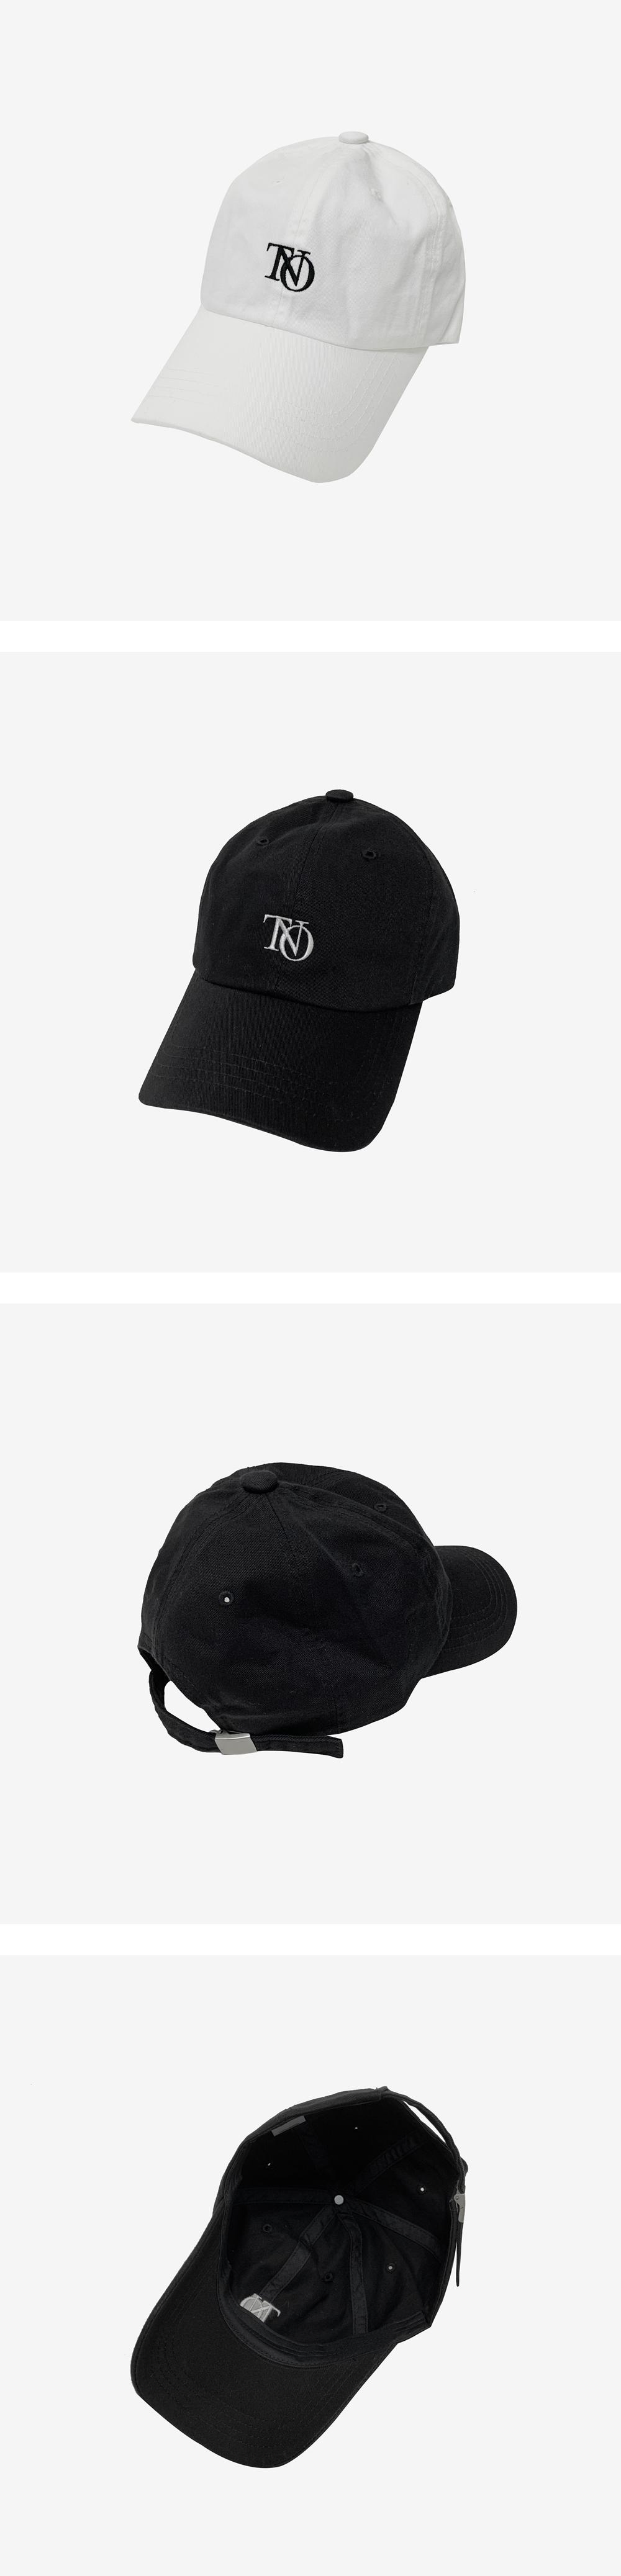 Wavy cotton ball cap